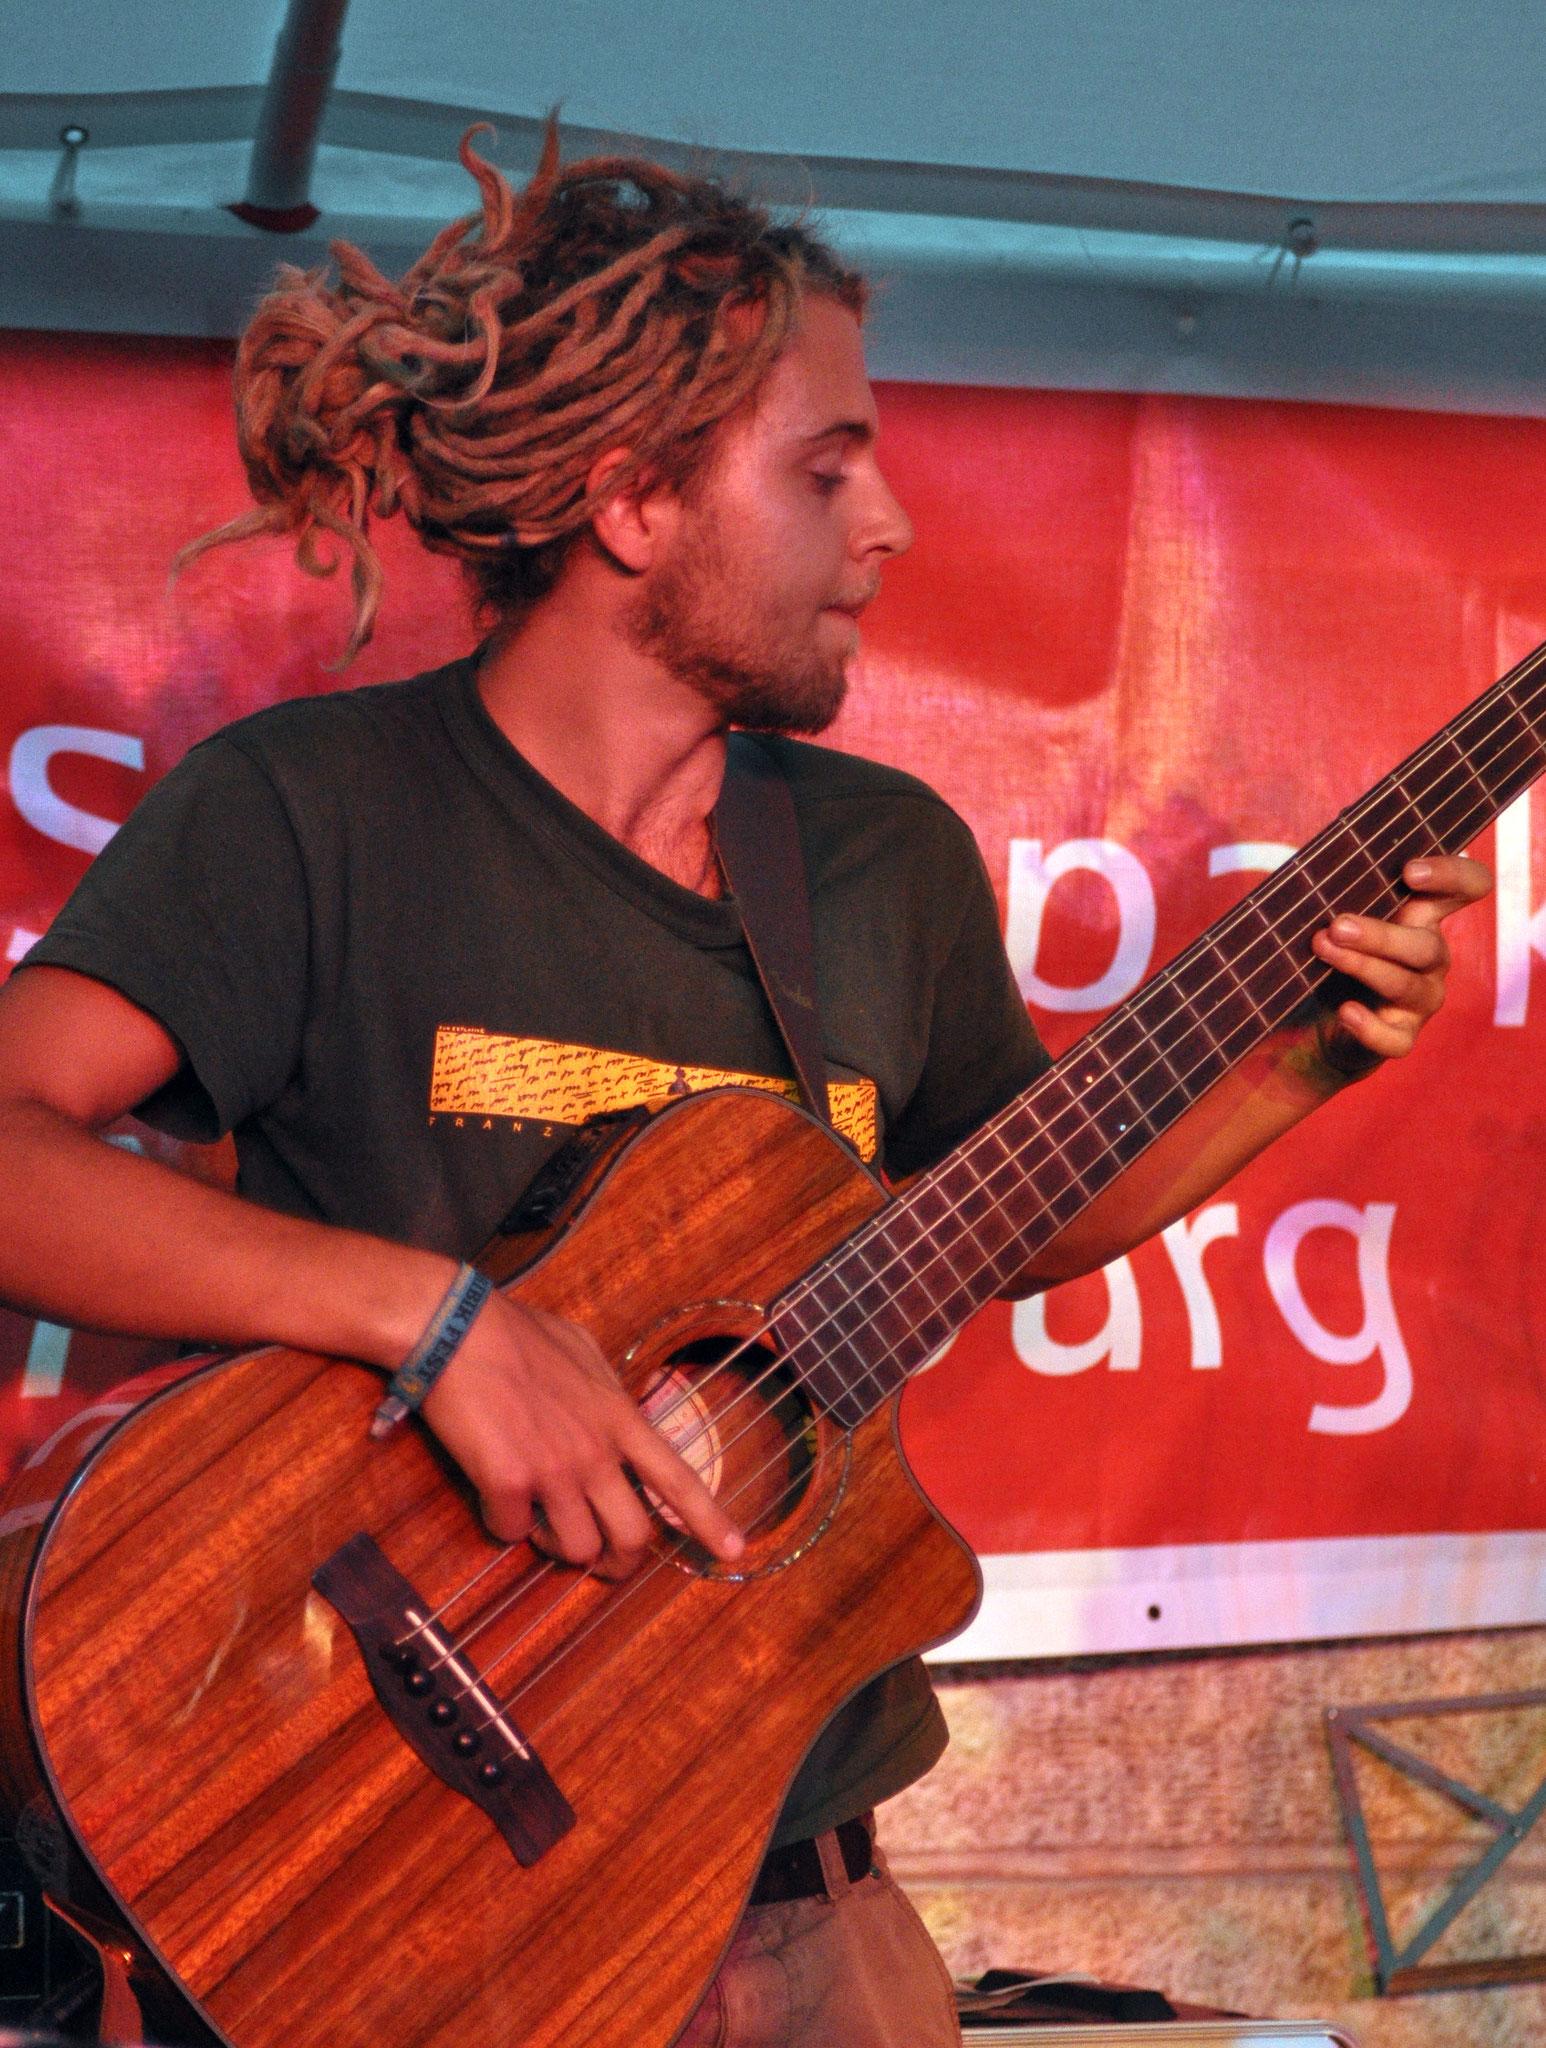 Konzerte im Bürgerhof 16.07.11 Red Gate Foundation - Freiwilligen-Zentrum Augsburg - Foto: Martin Schönberger